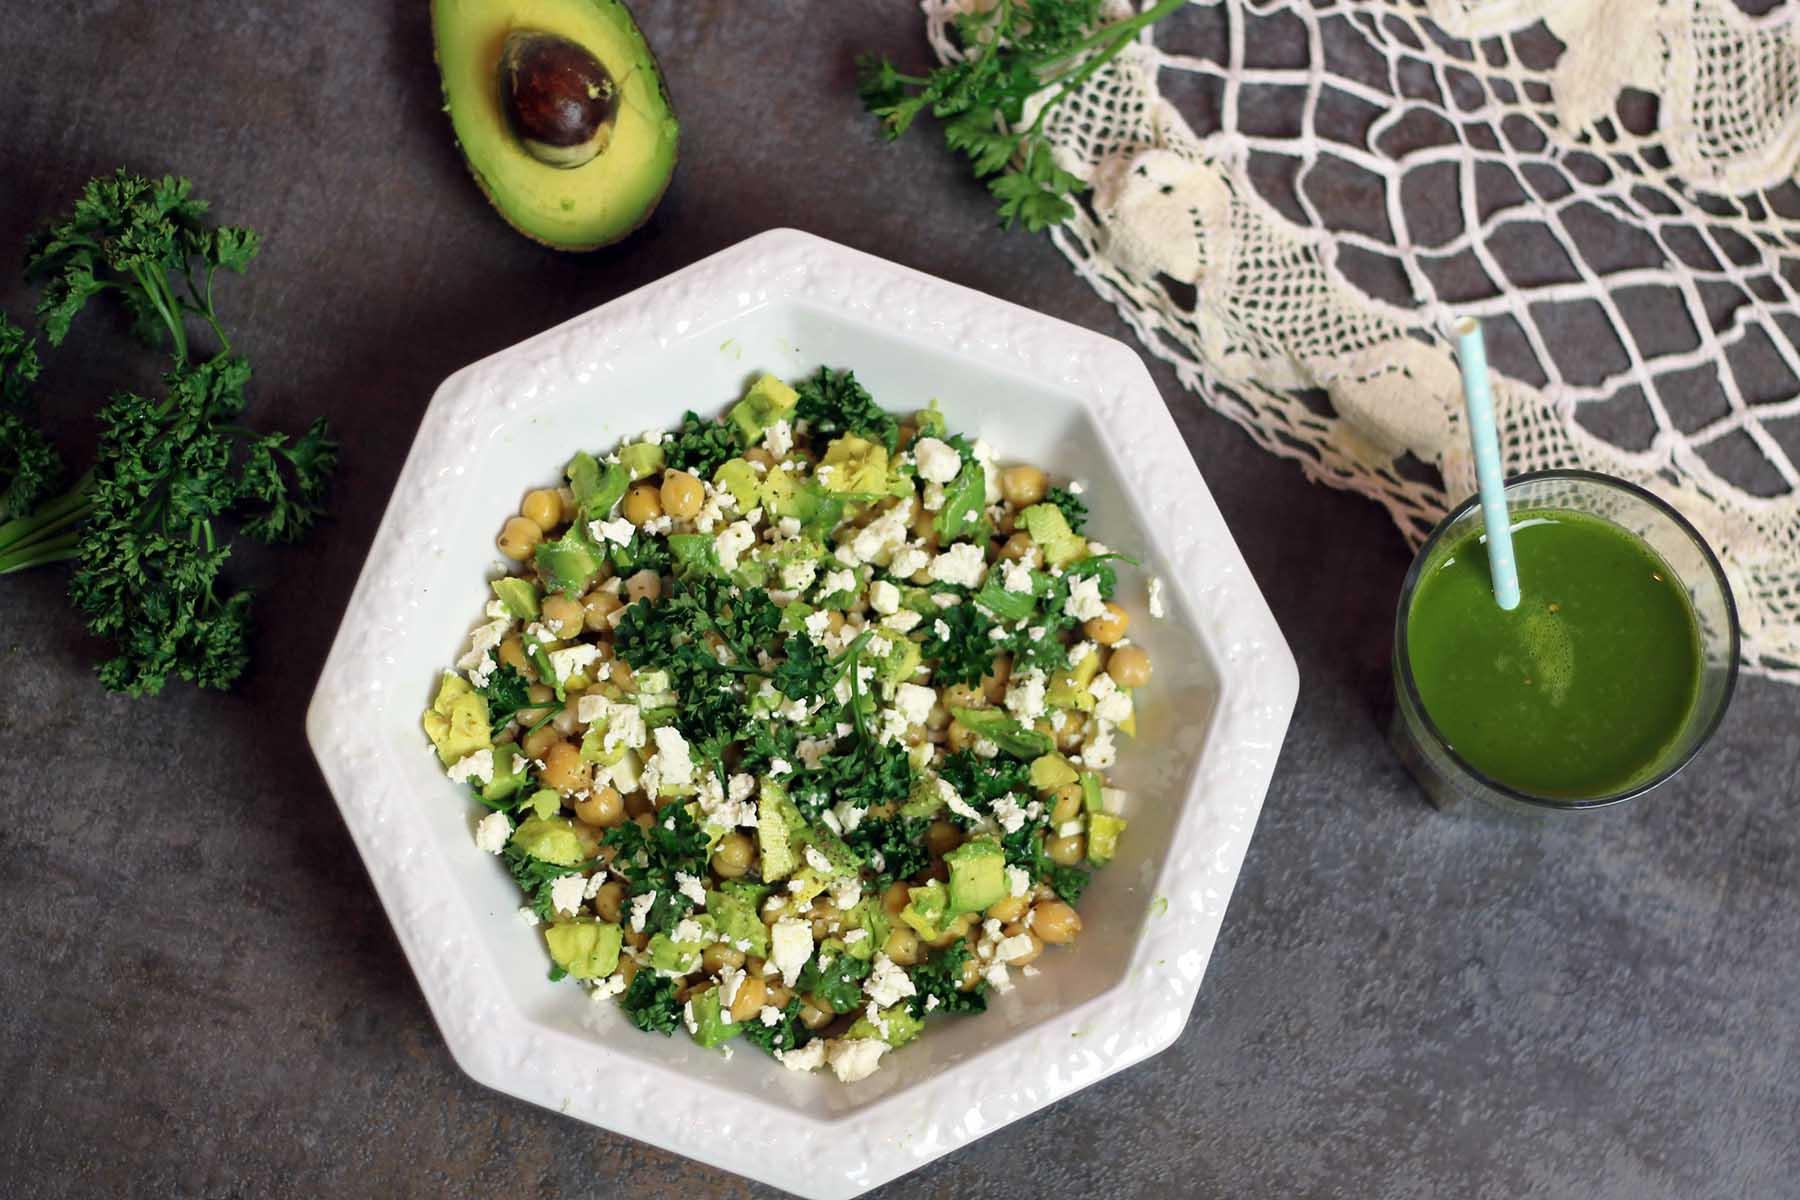 gesund-essen-kichererbsen-rezept-salat-healthy